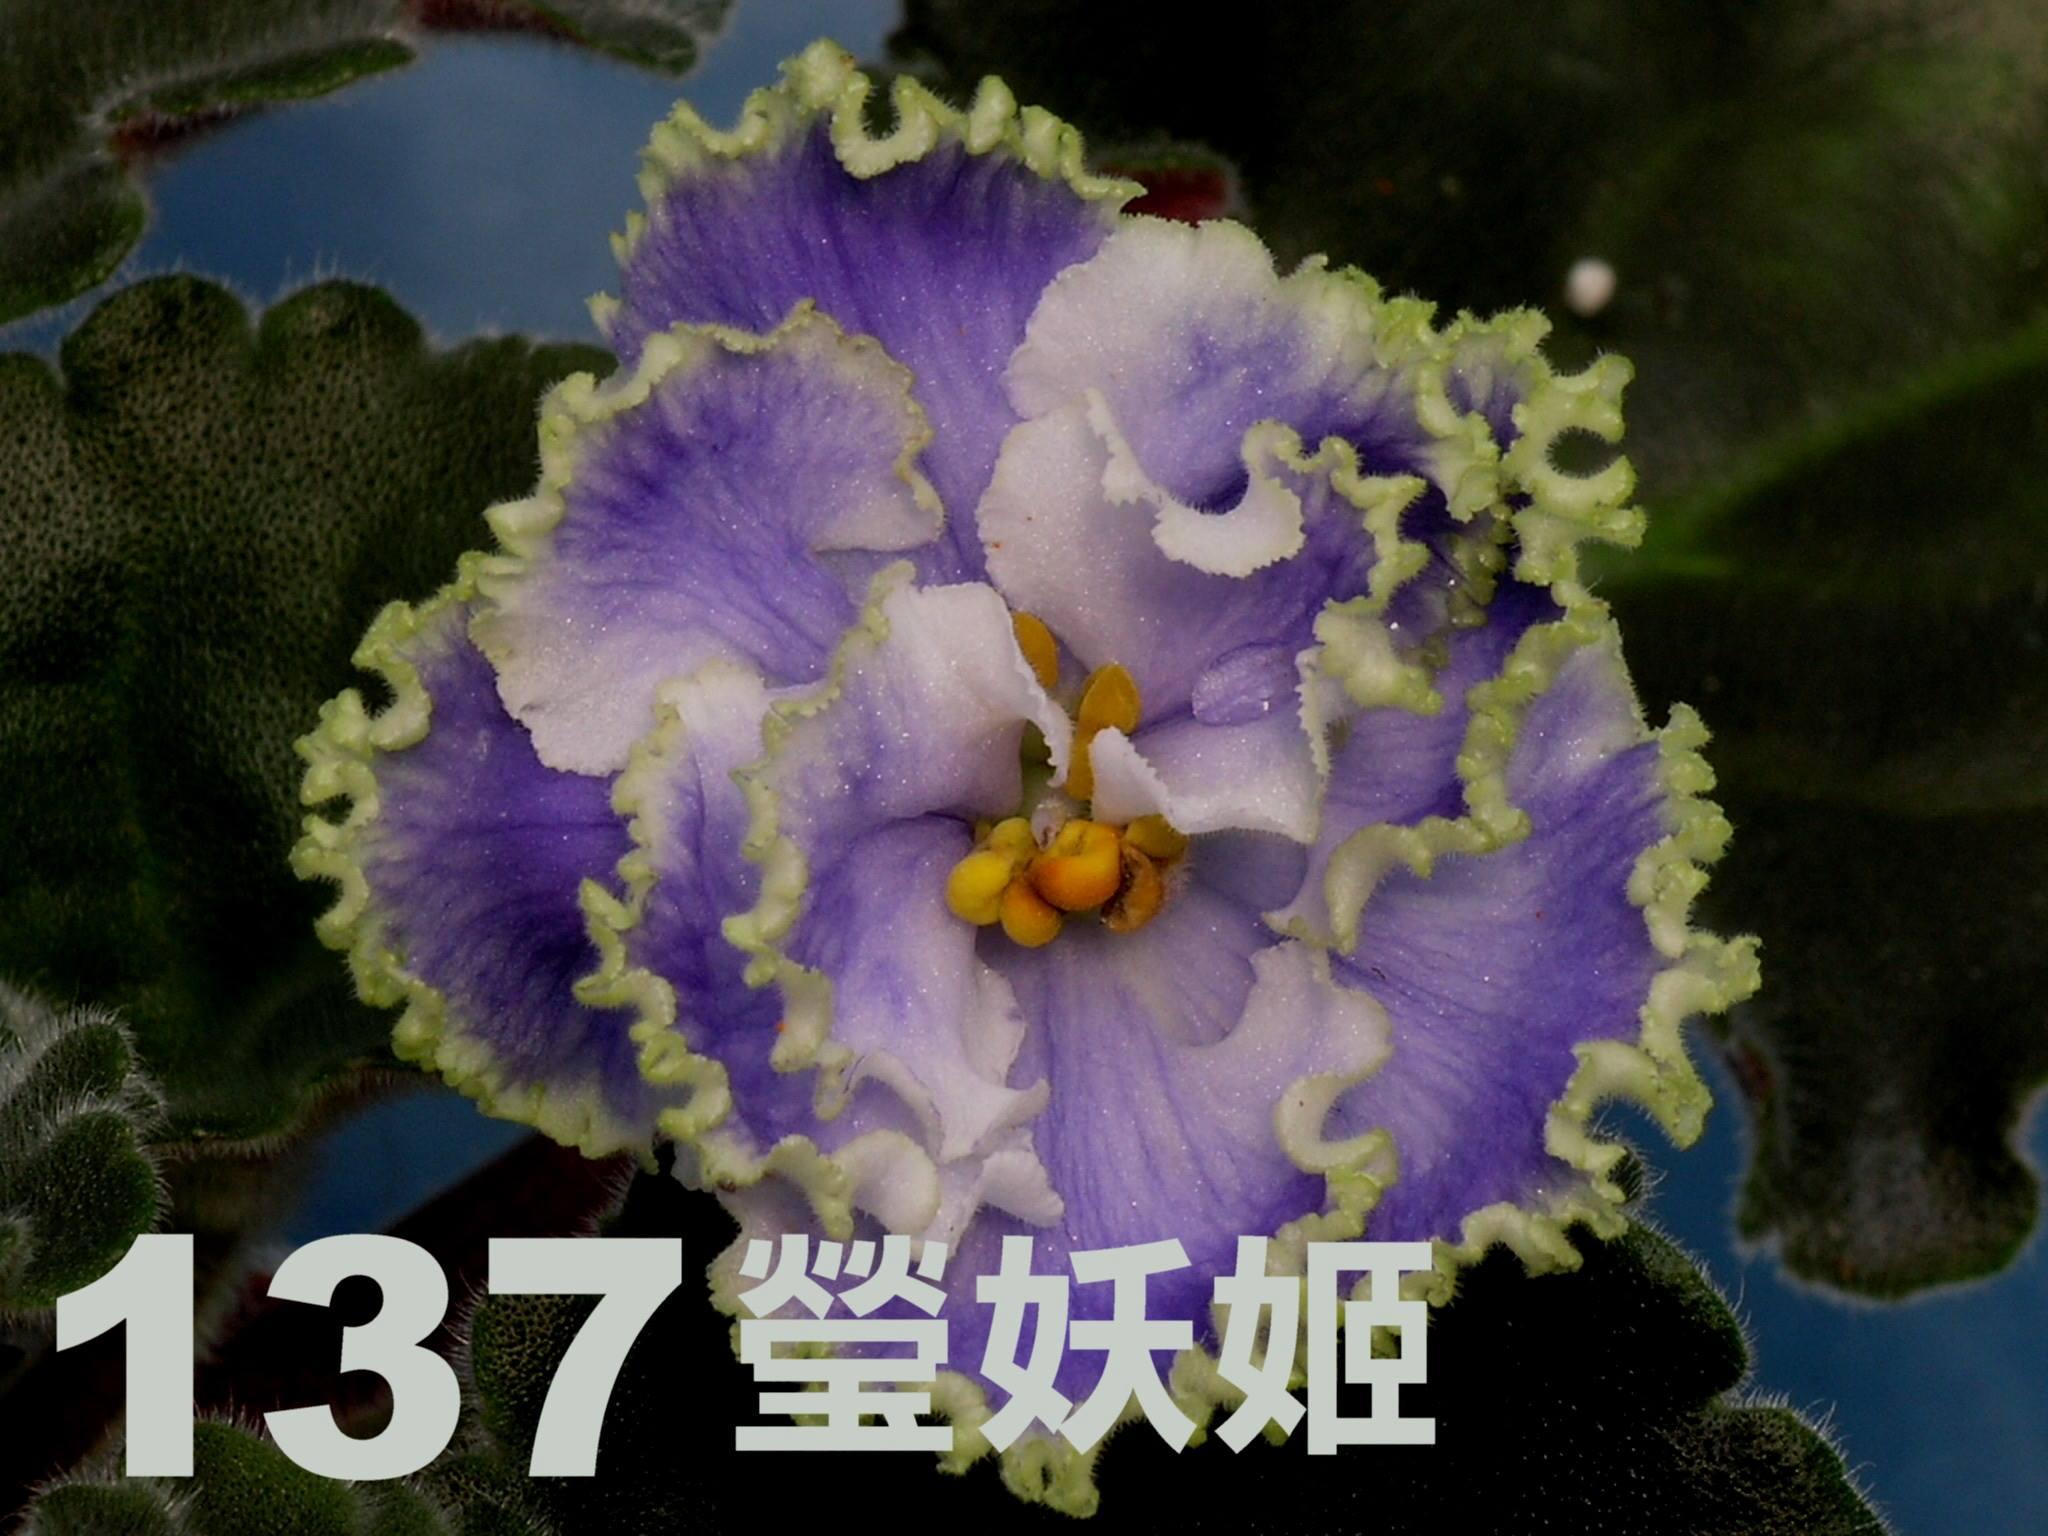 [137] Kei-Yoki 137